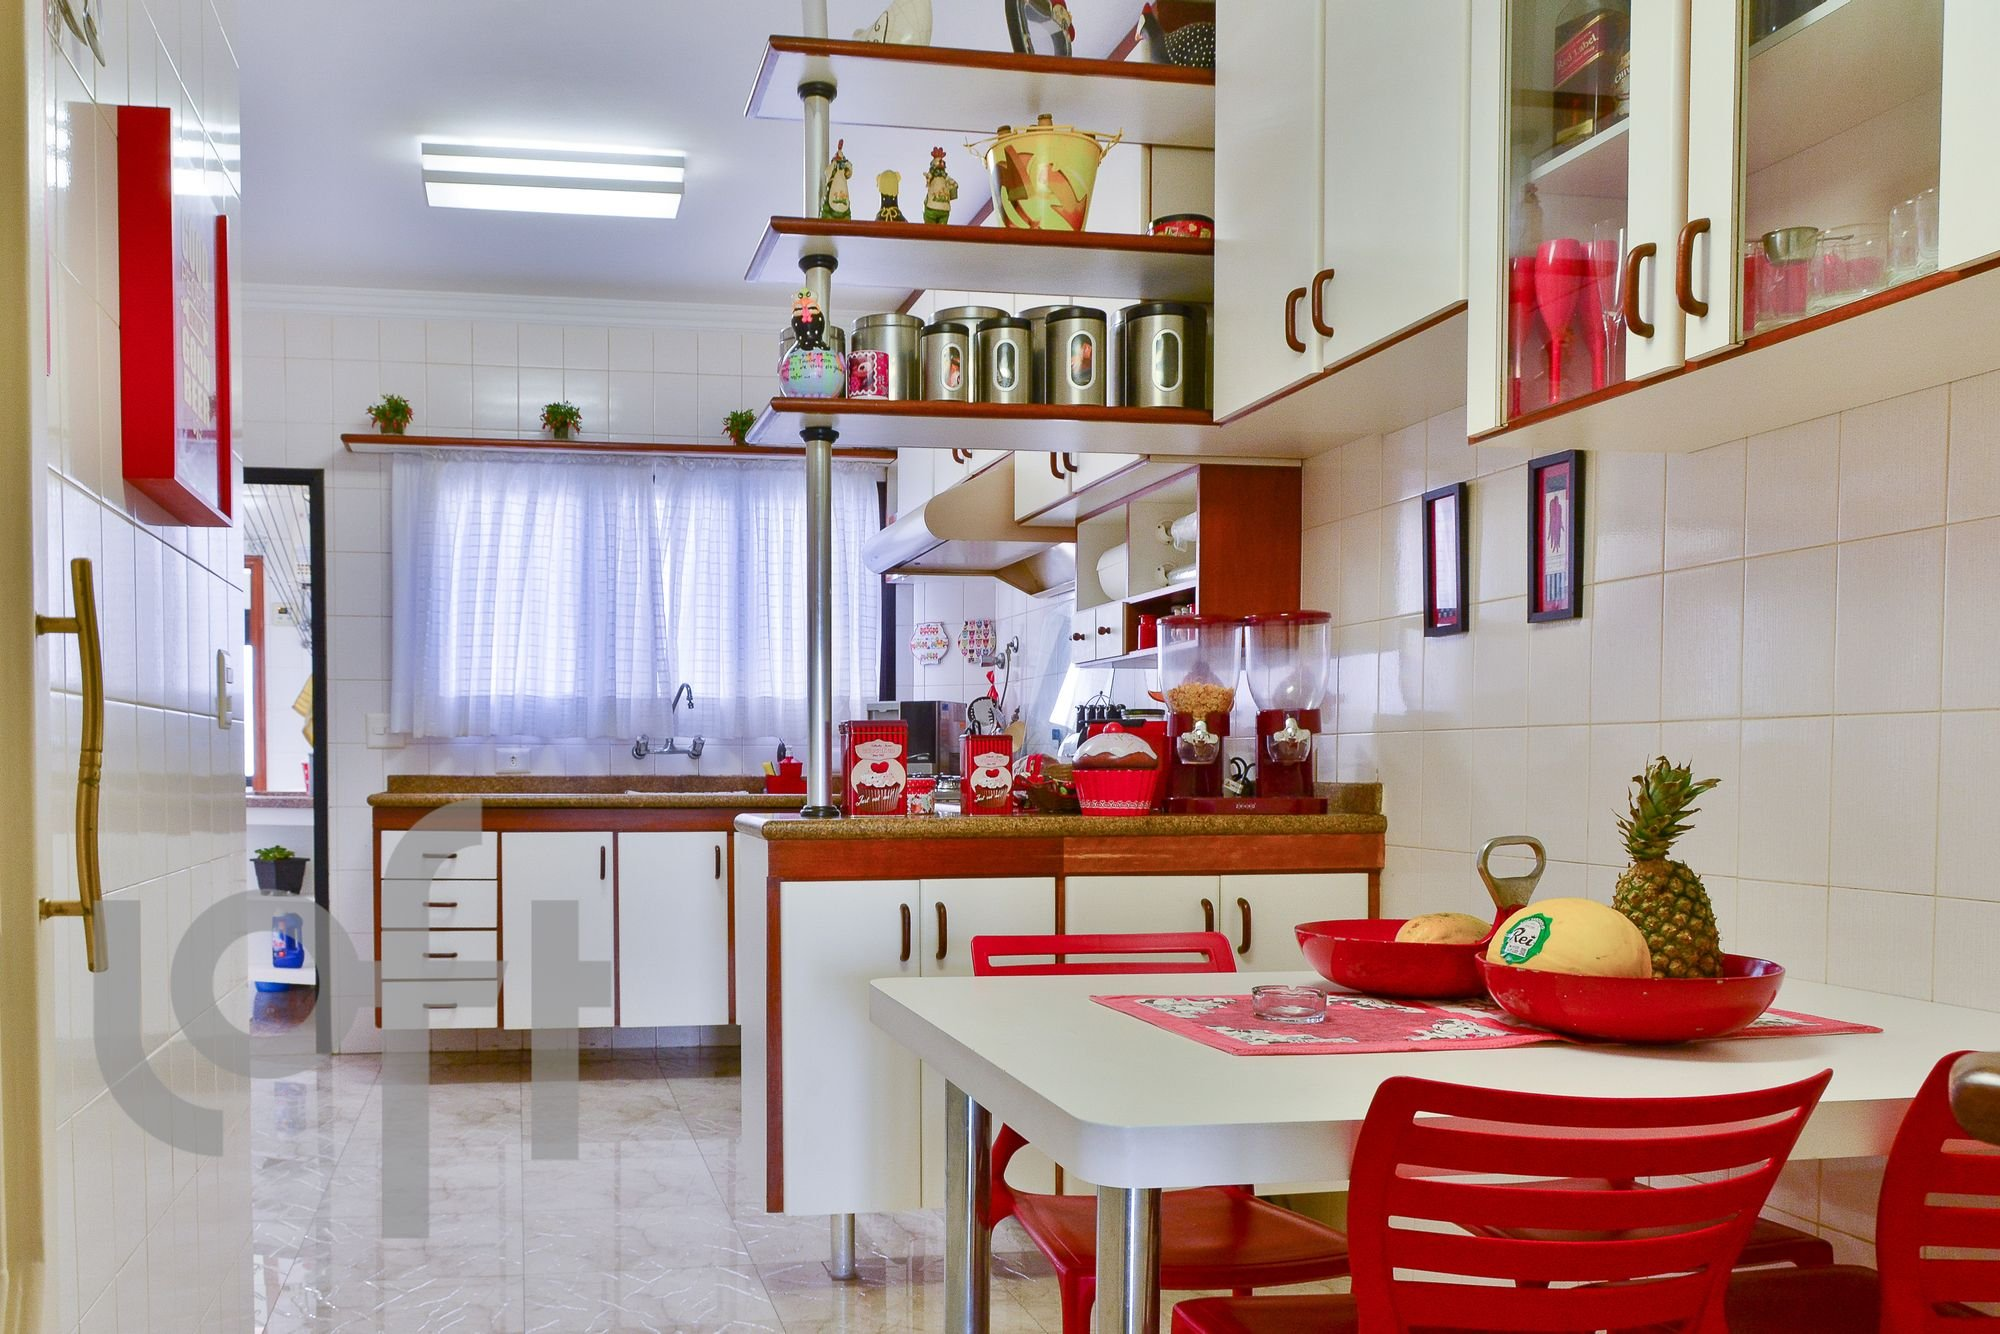 Foto de Cozinha com tigela, cadeira, mesa de jantar, xícara